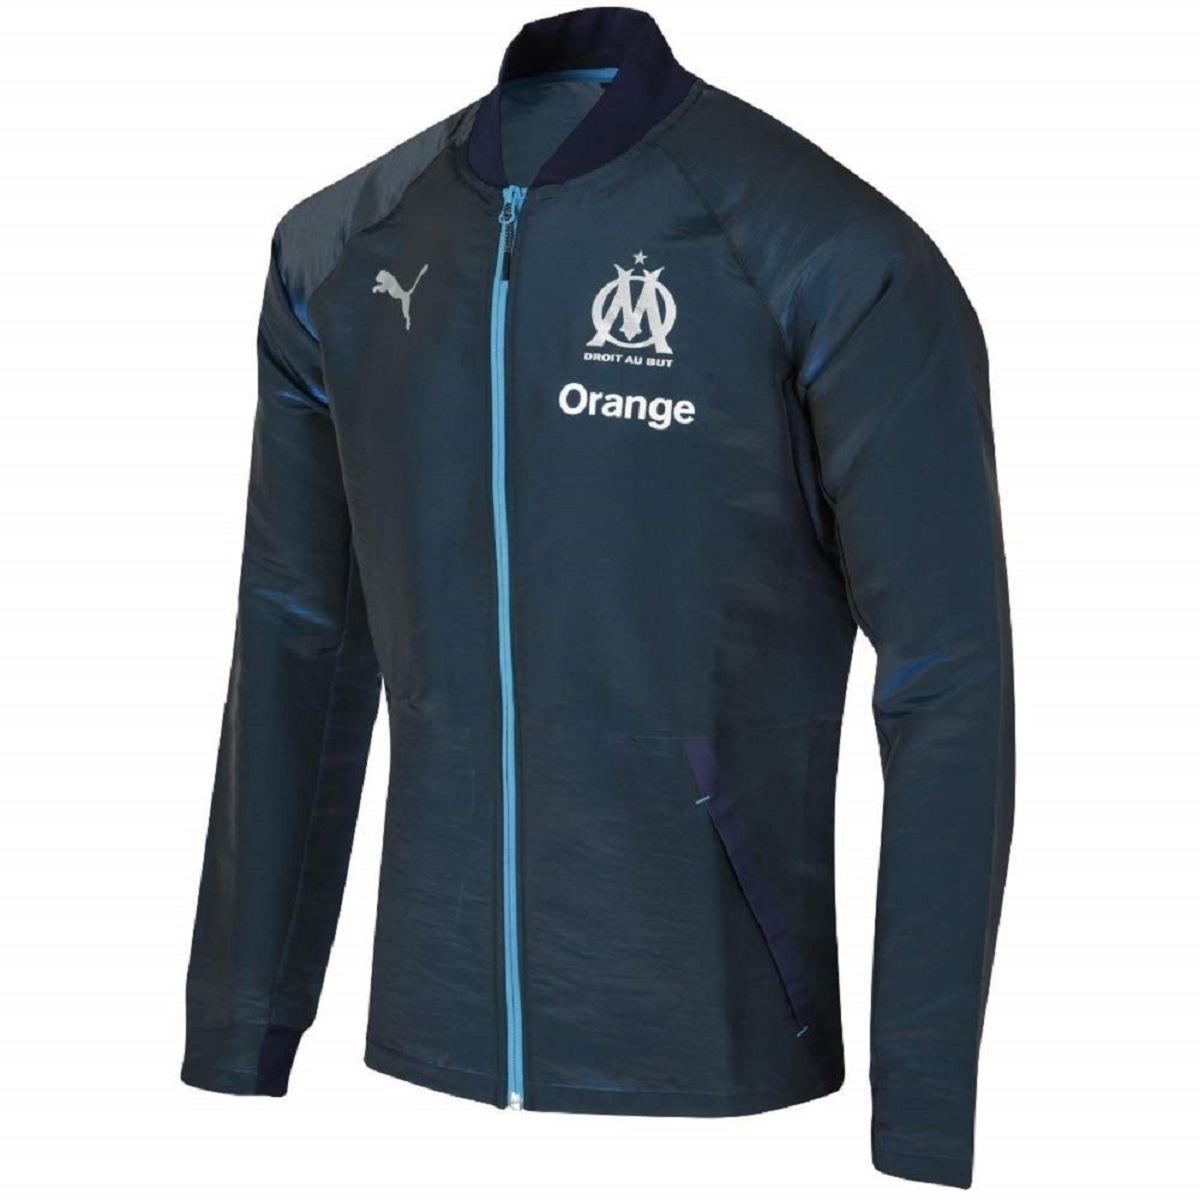 Chaqueta-Sintetico-Olympique-de-Marsella-pro-Jacket